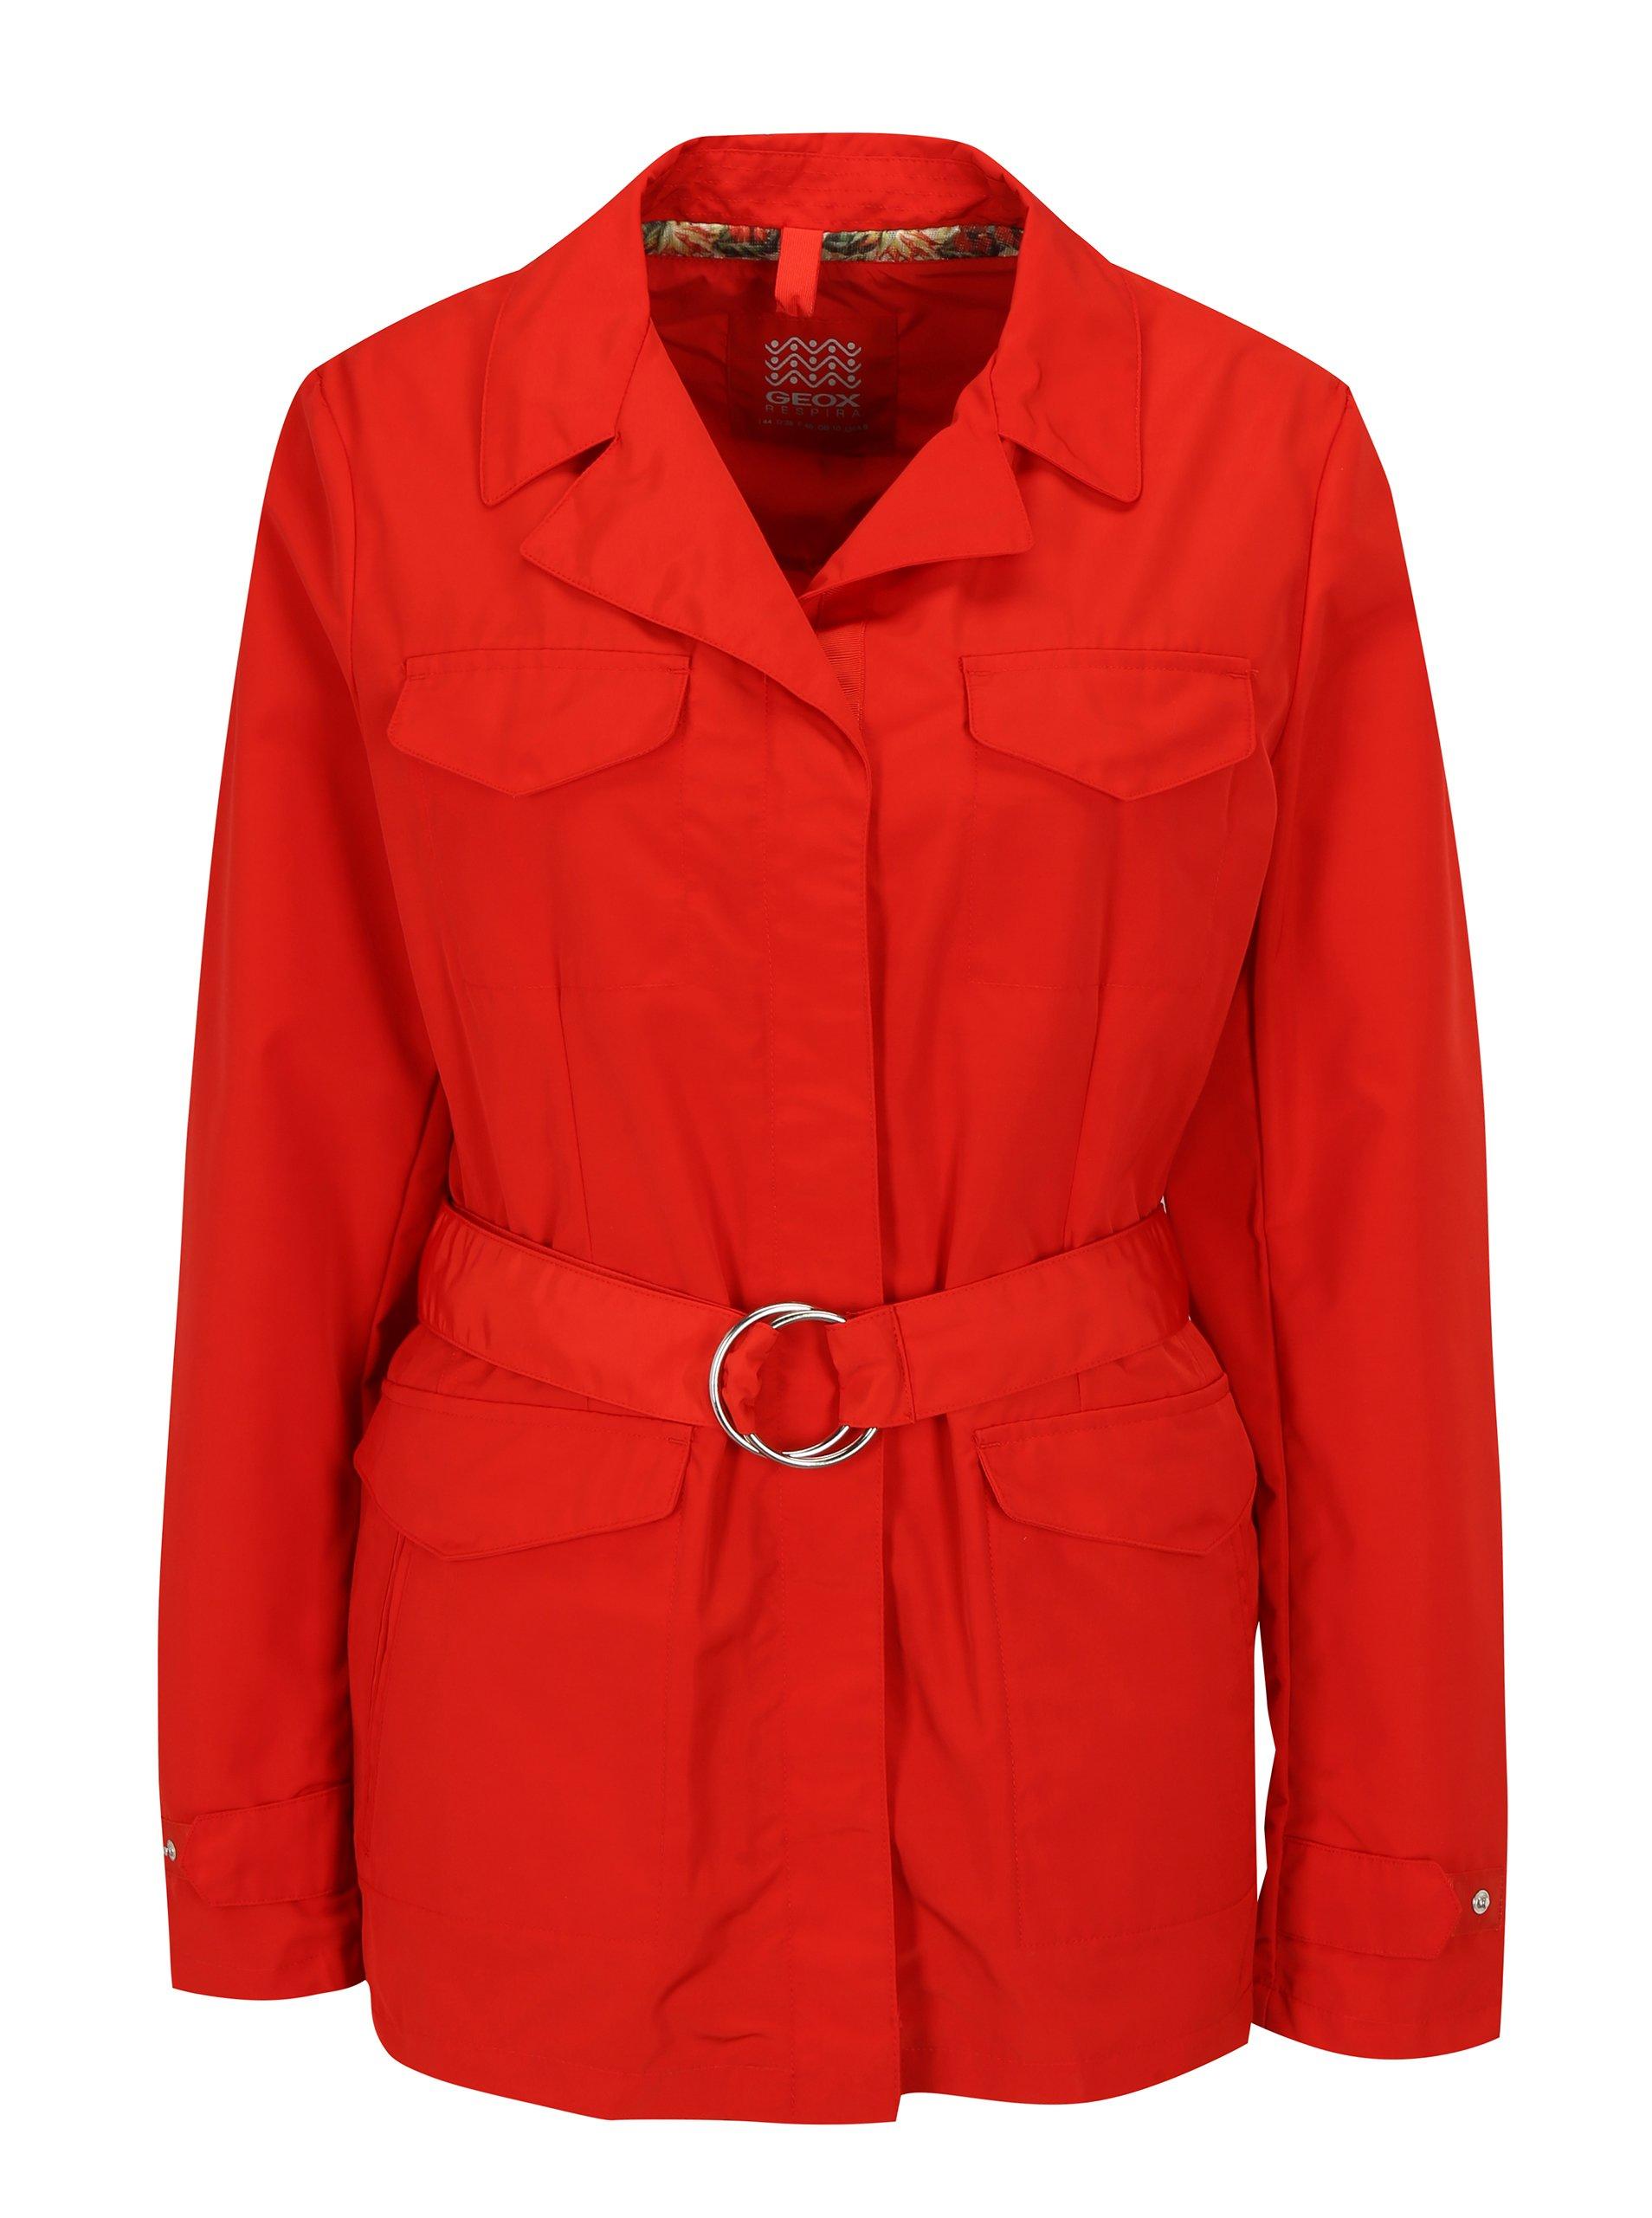 Fotografie Červená dámská bunda s páskem Geox